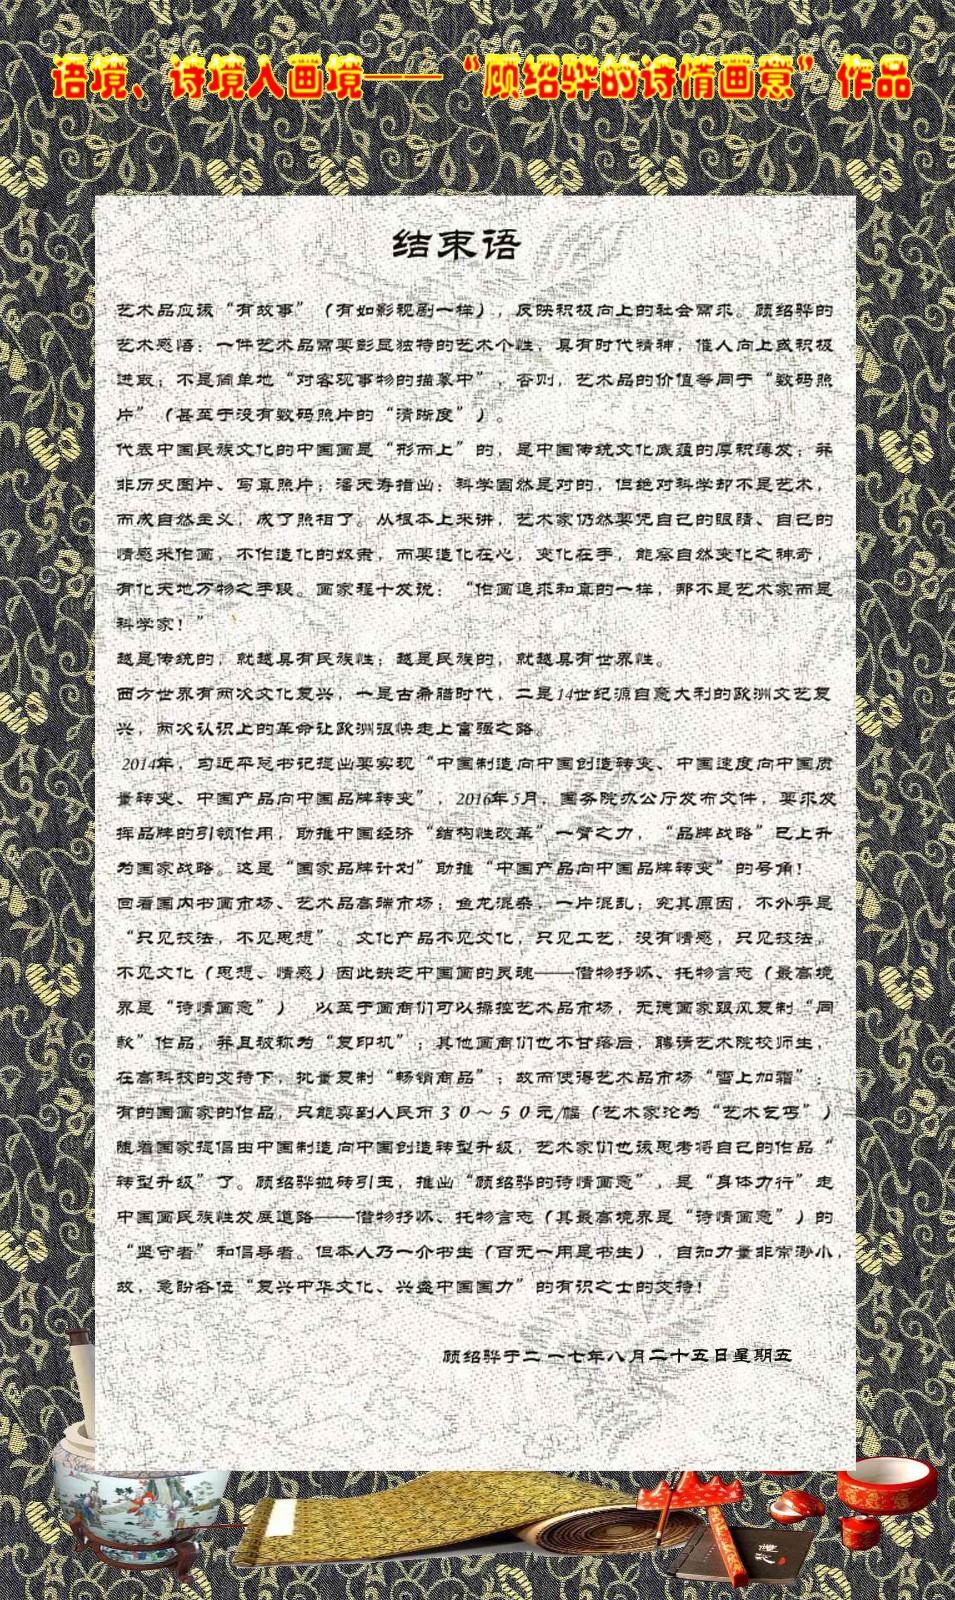 语境、诗境入画境_图1-73